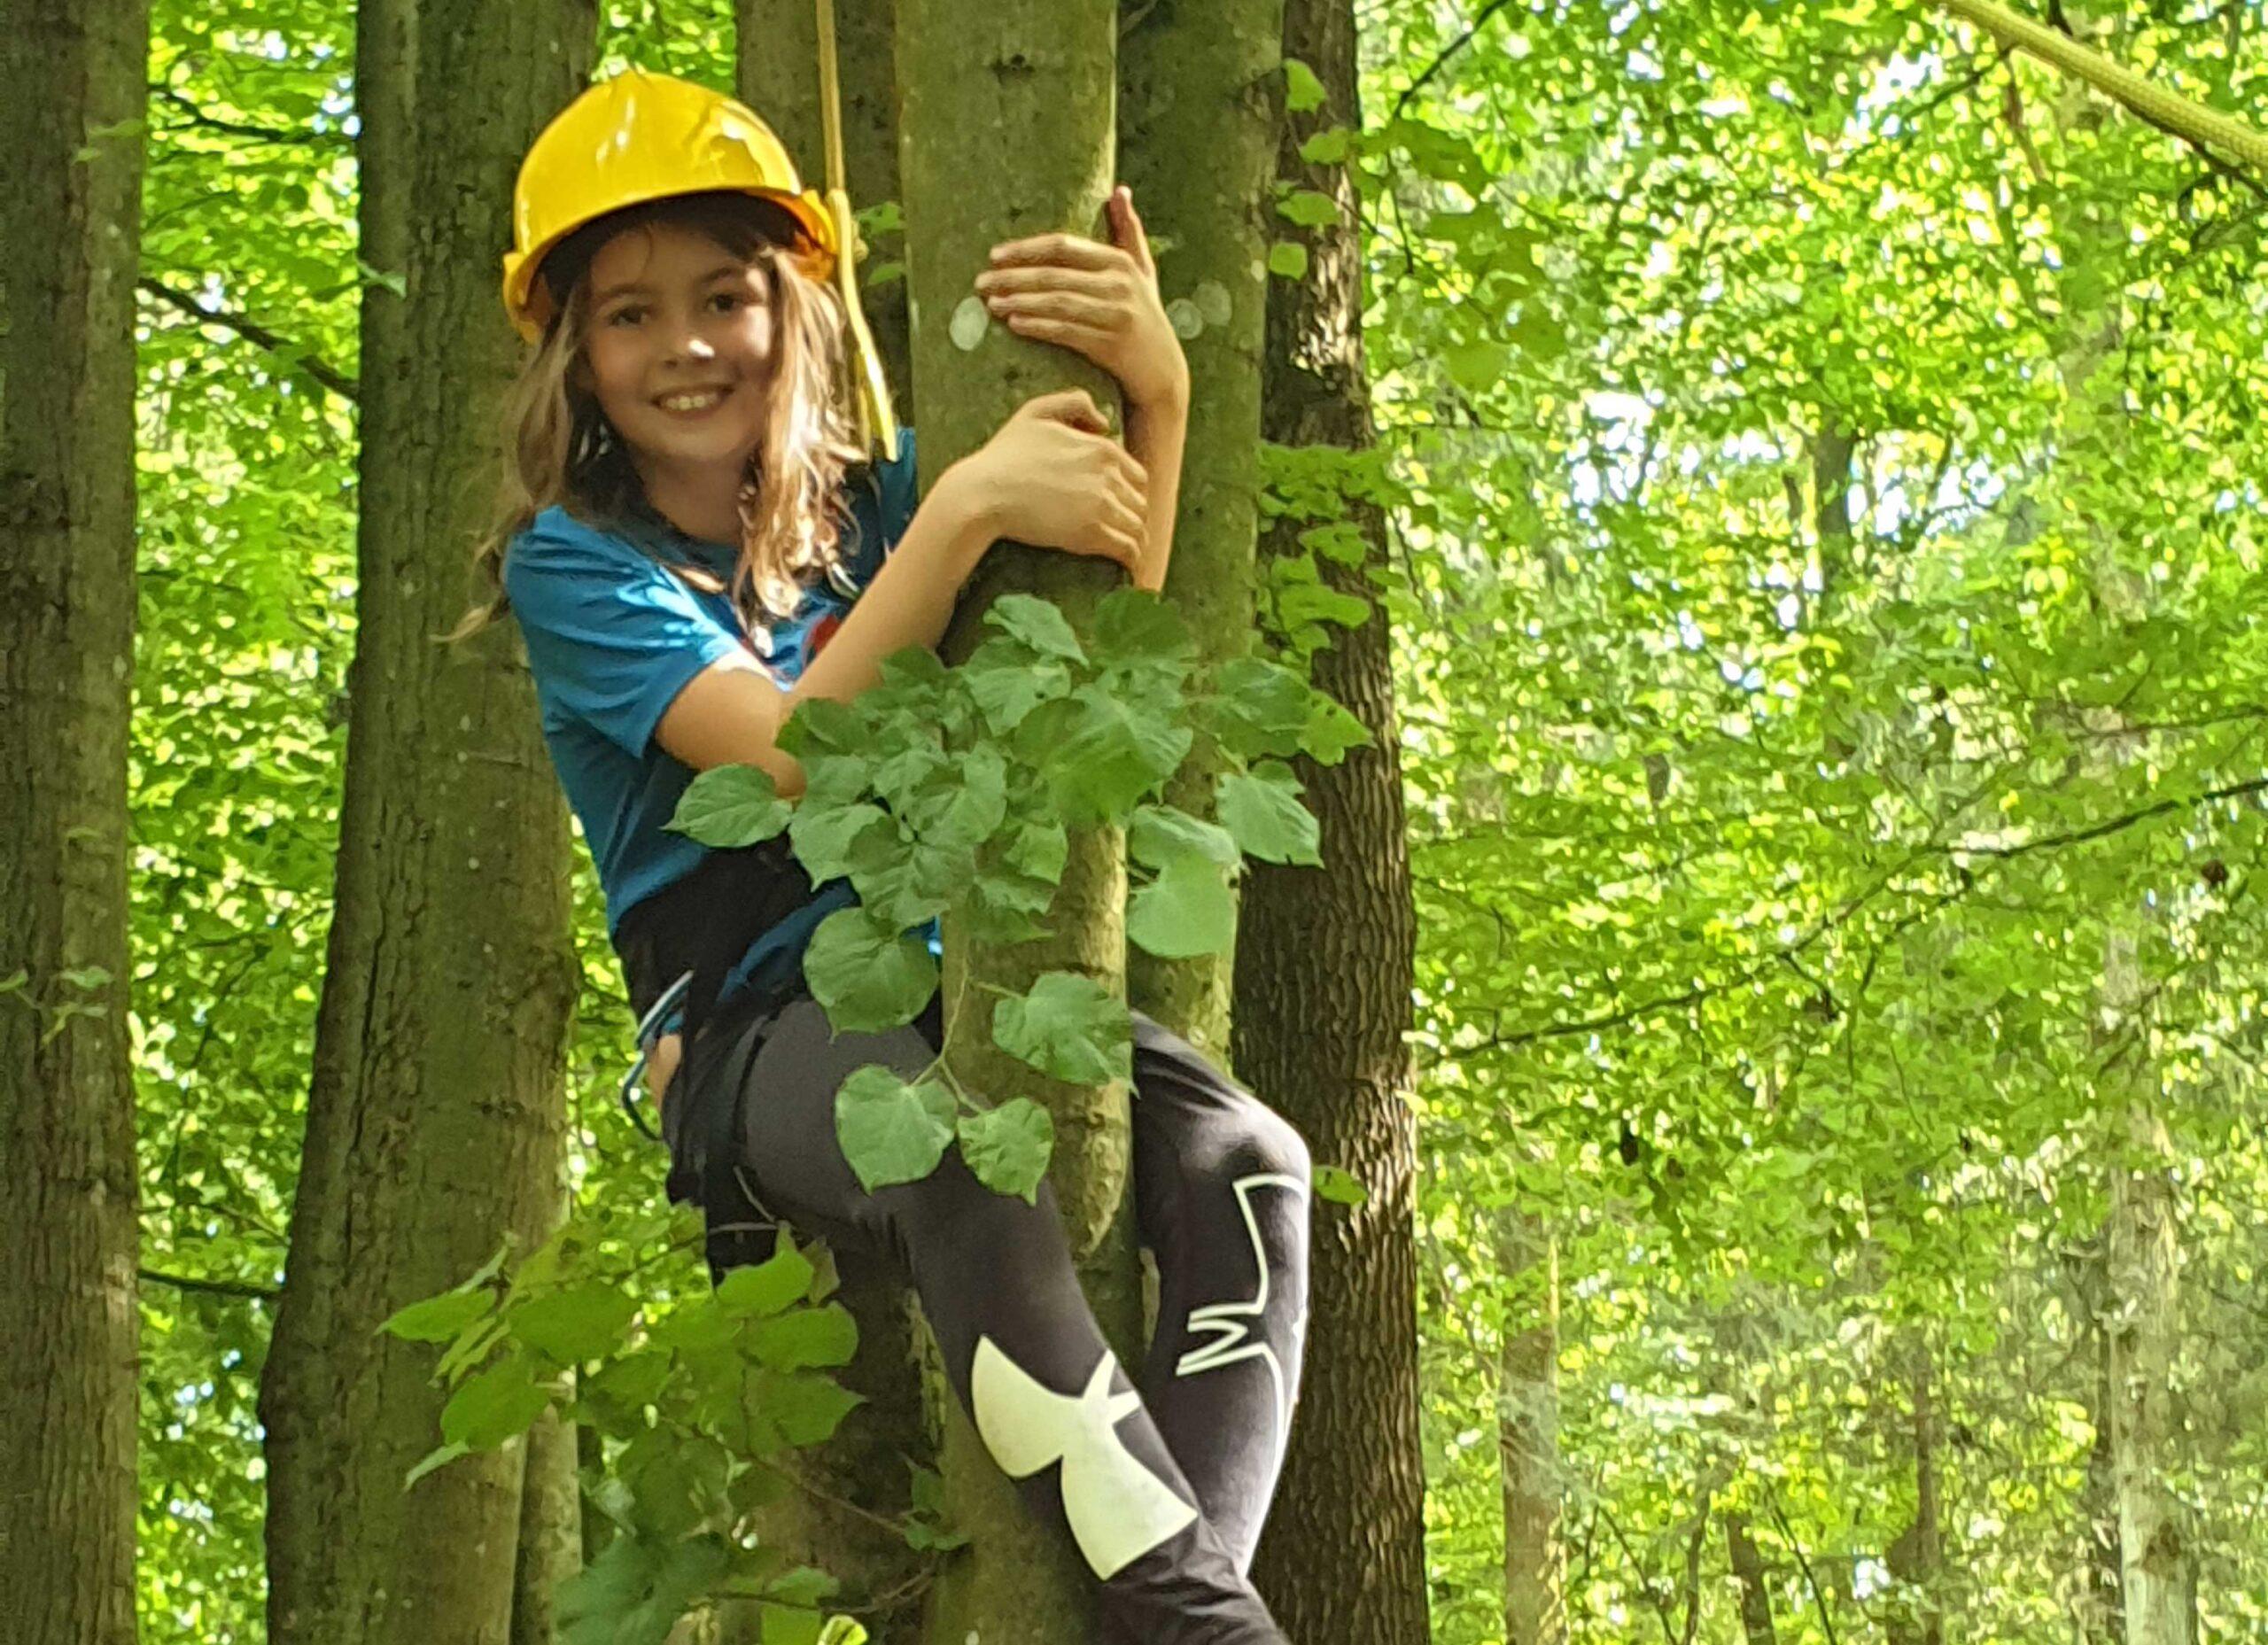 Dschungelcamp Kind klettert am Baum am Oekopark